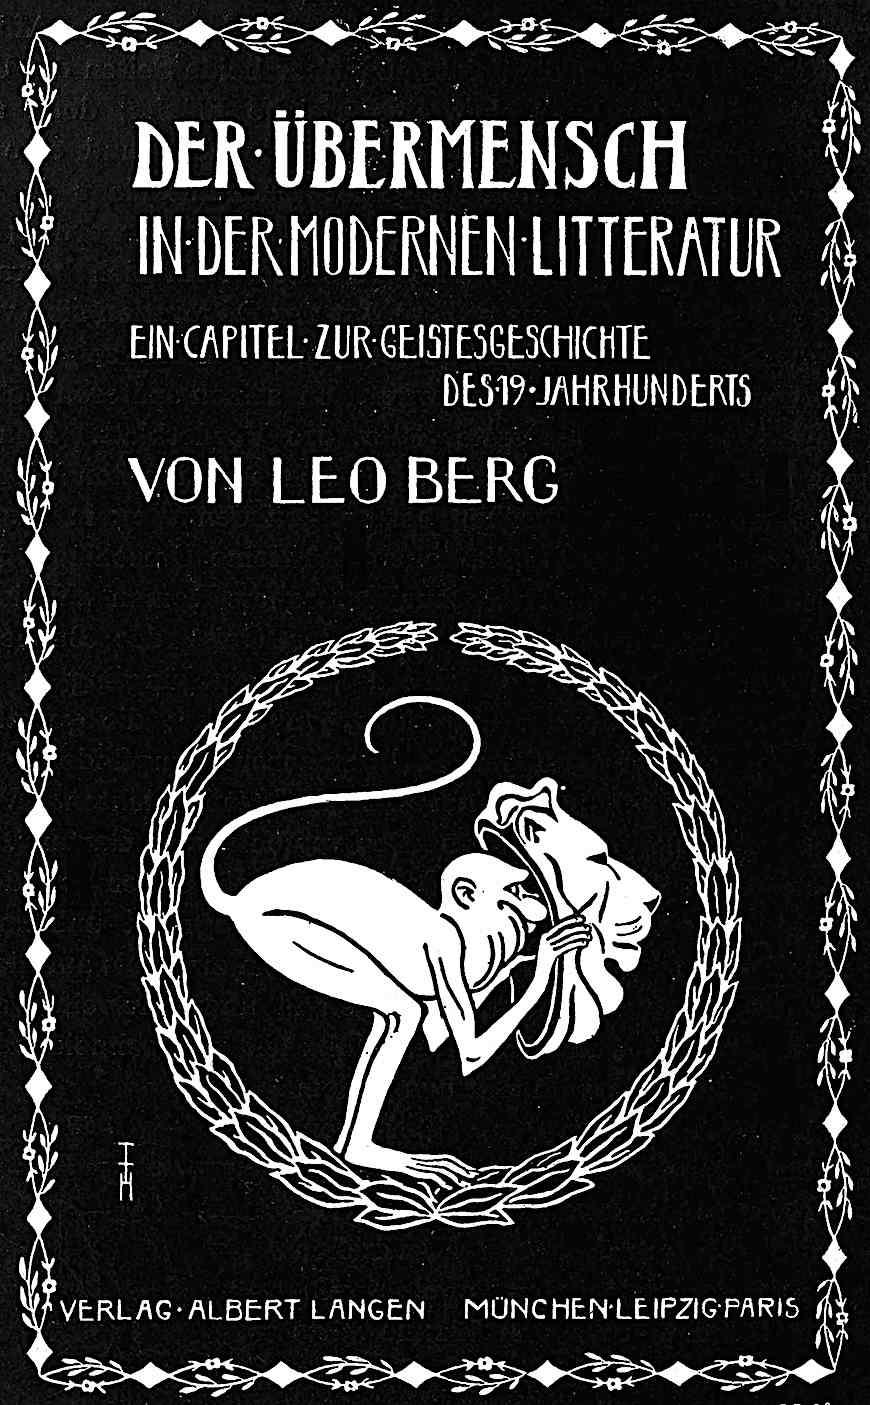 a Thomas Theodor Heine illustration for Der Ubermensch in der Modernen Litteratur, von Leo Berg